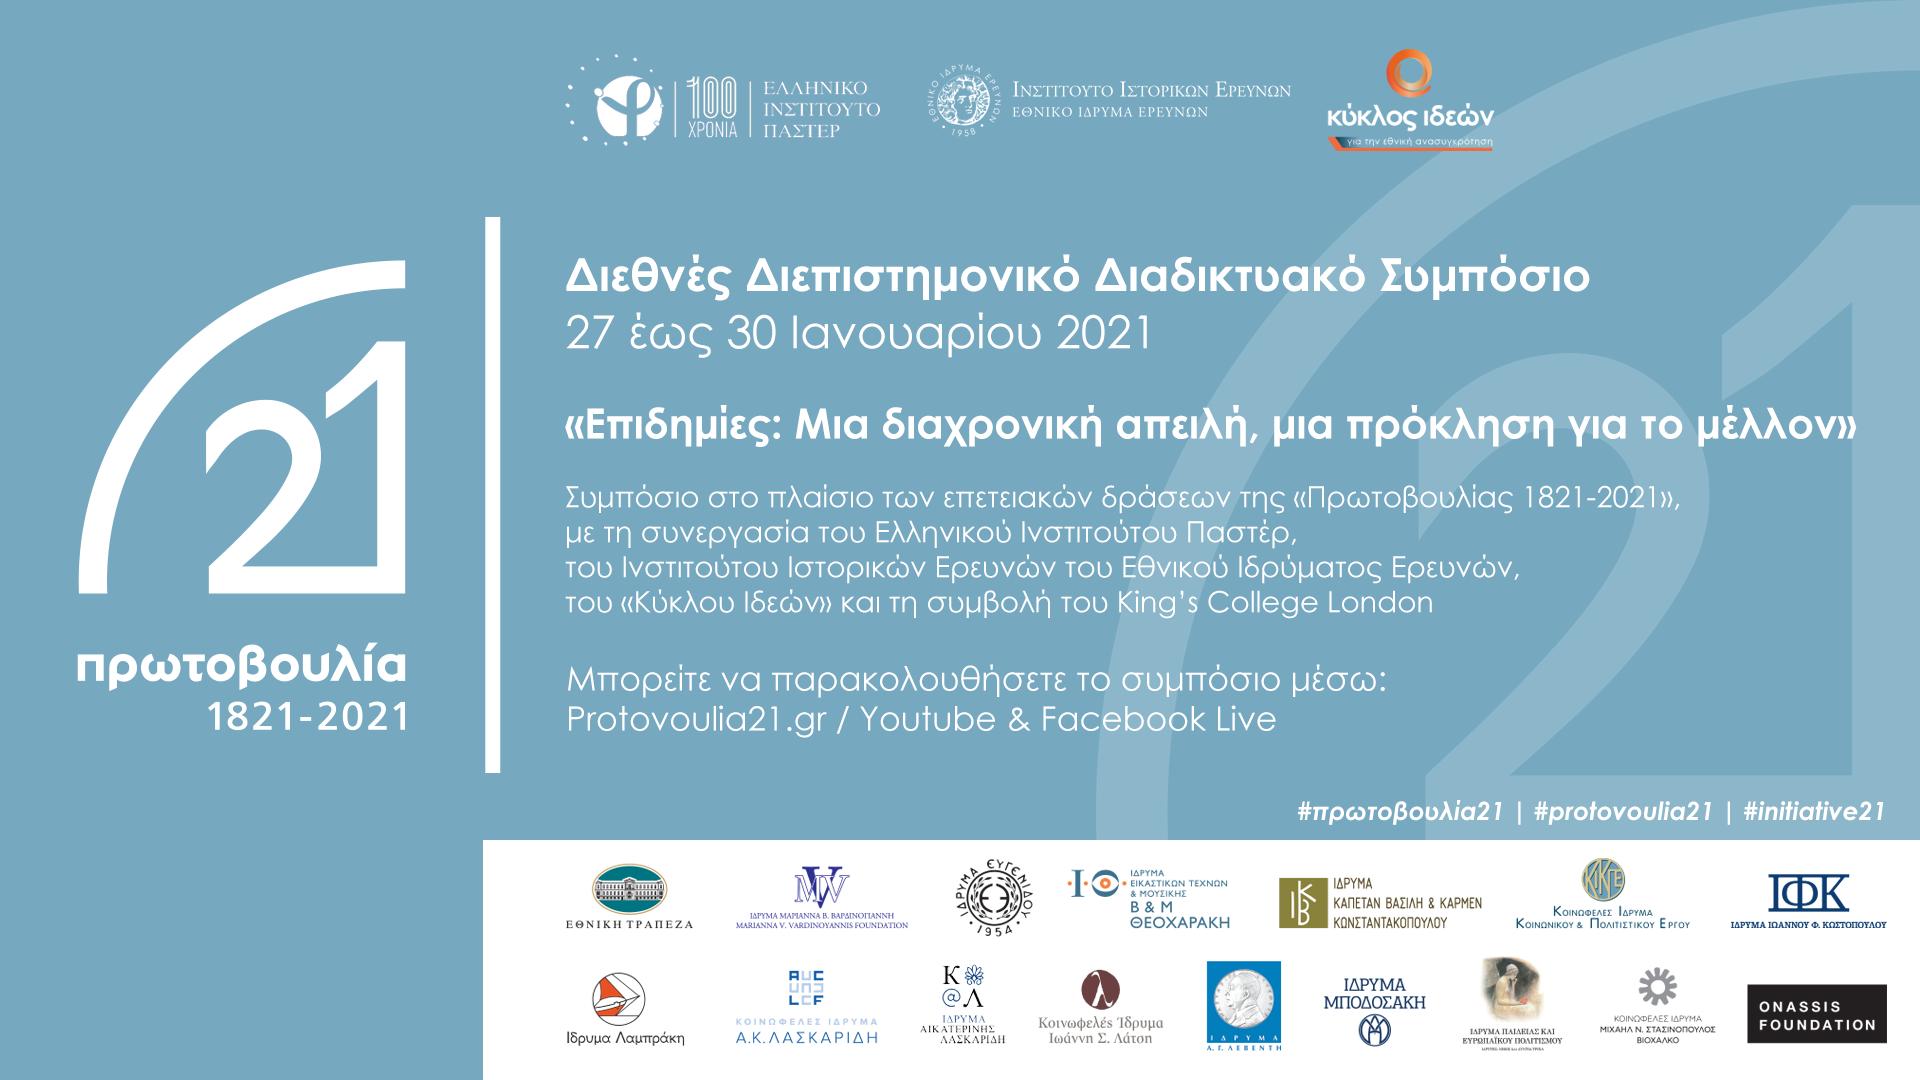 «Επιδημίες: Μια διαχρονική απειλή, μια πρόκληση για το μέλλον» - Συμπόσιο